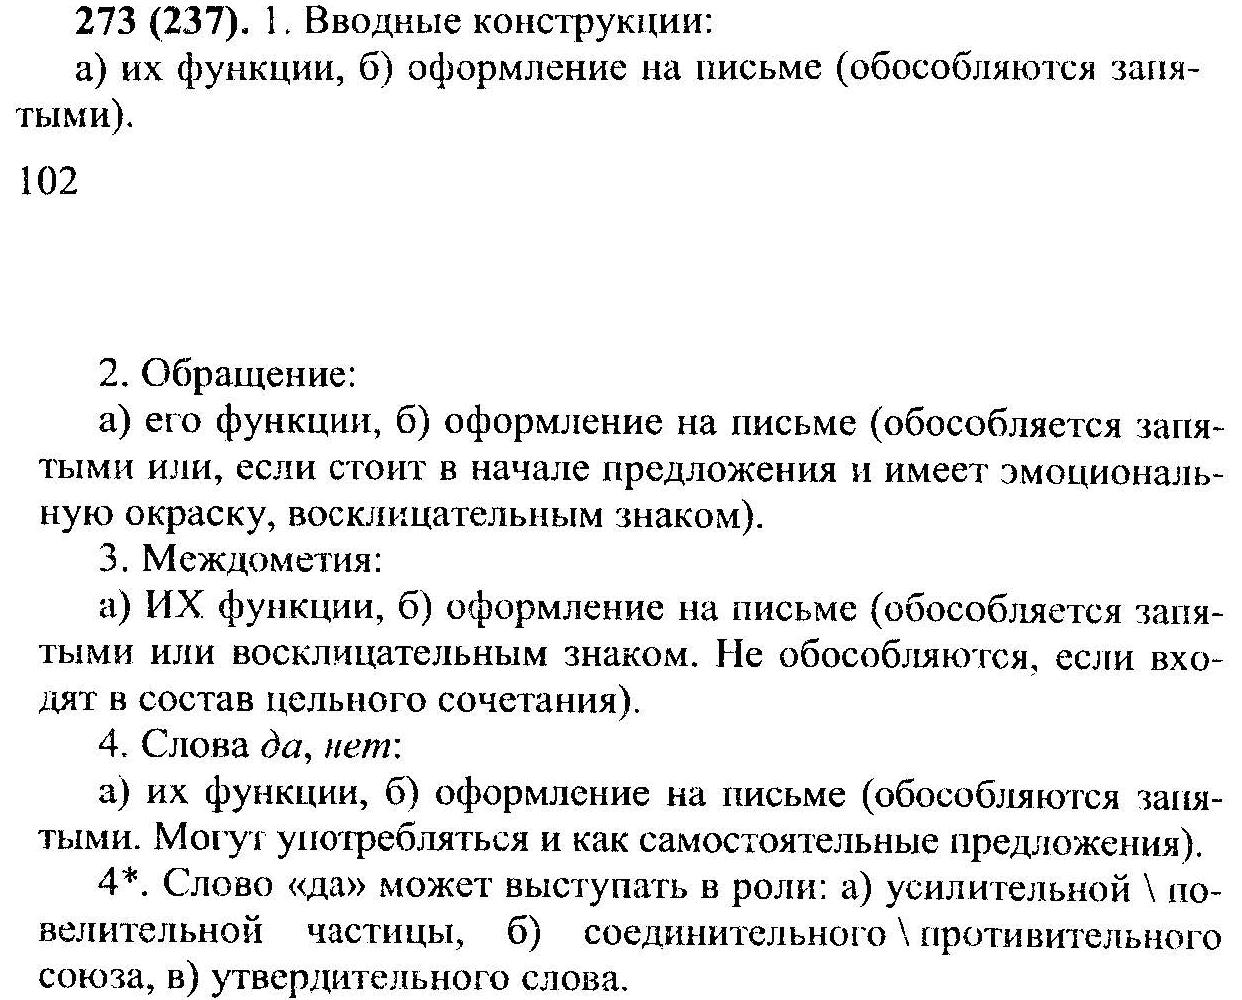 гдз 5 класс разумовская 1998-1999 год номер 231